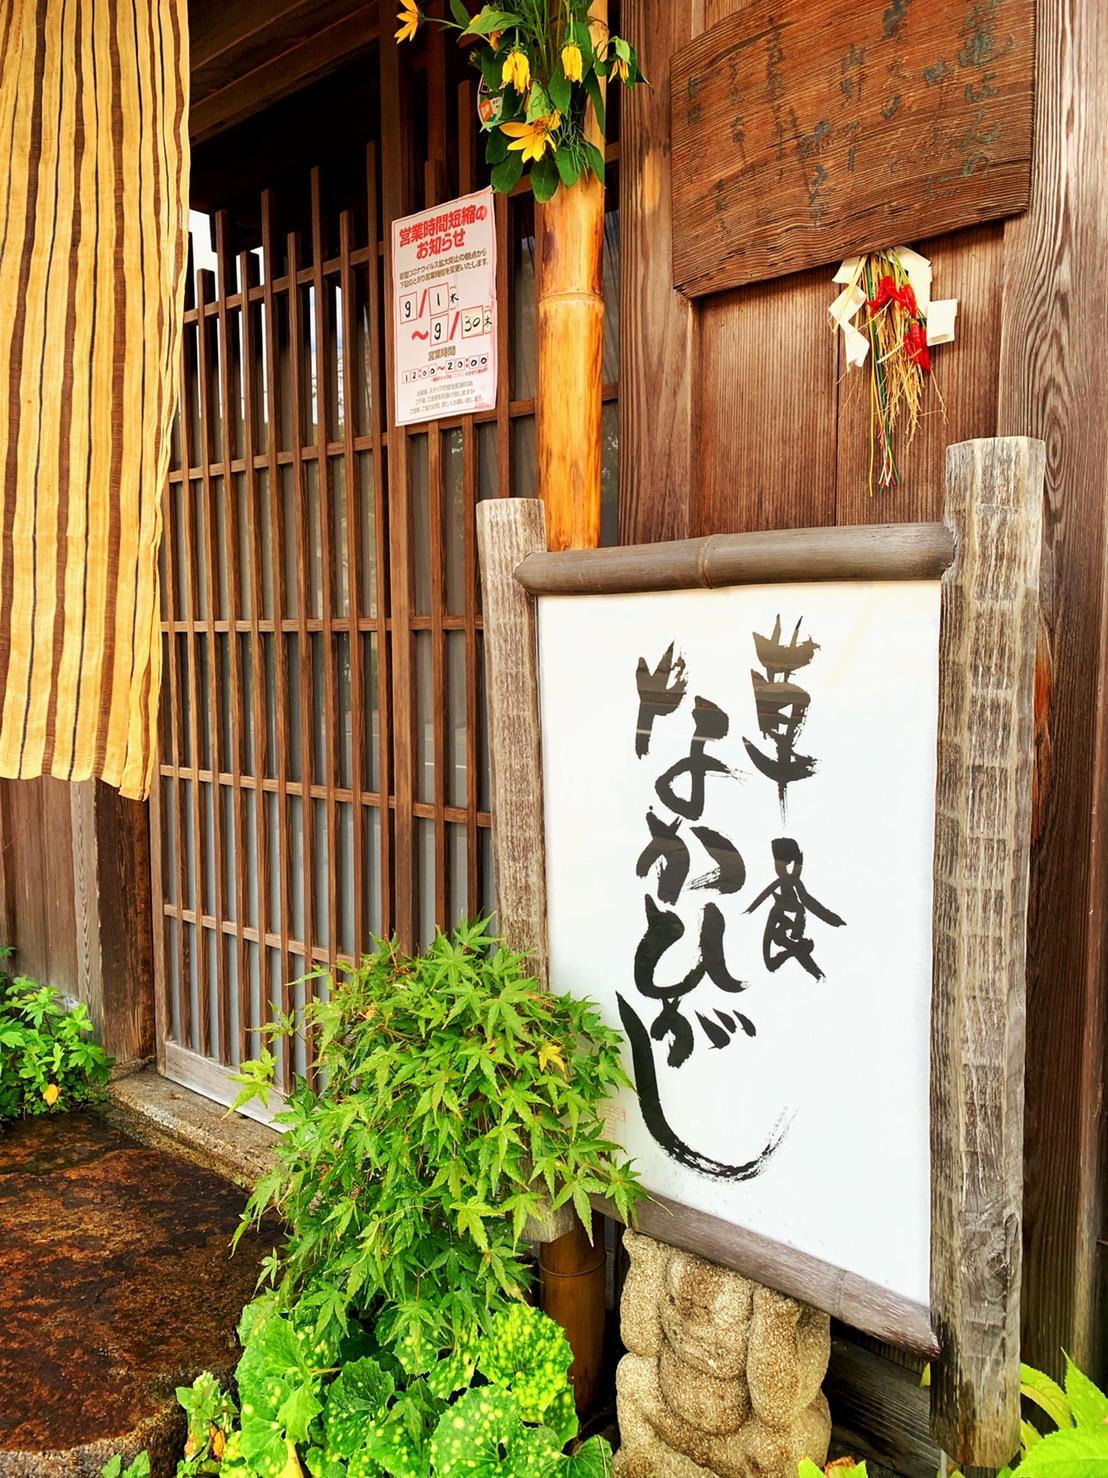 9/21四季を頂く「草喰なかひがし」の摘草料理